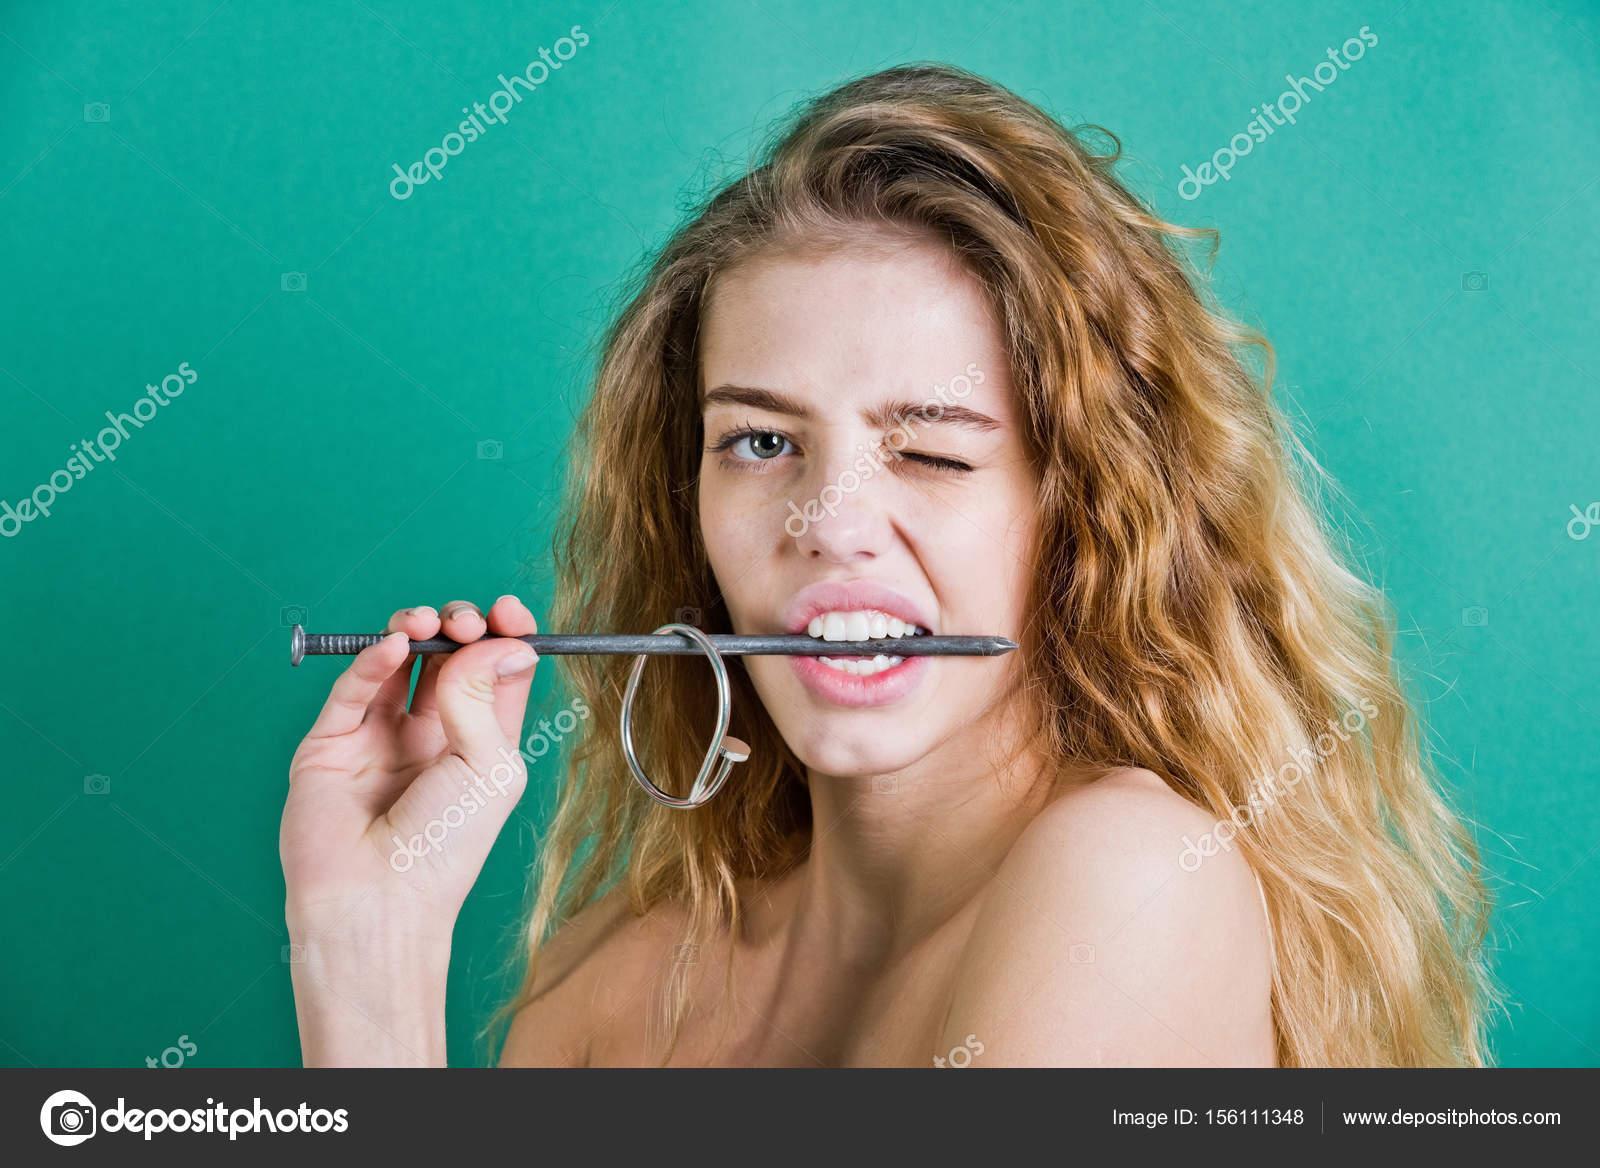 metallisierte Nagel mit gesunde weiße Zähne beißen Mädchen ...